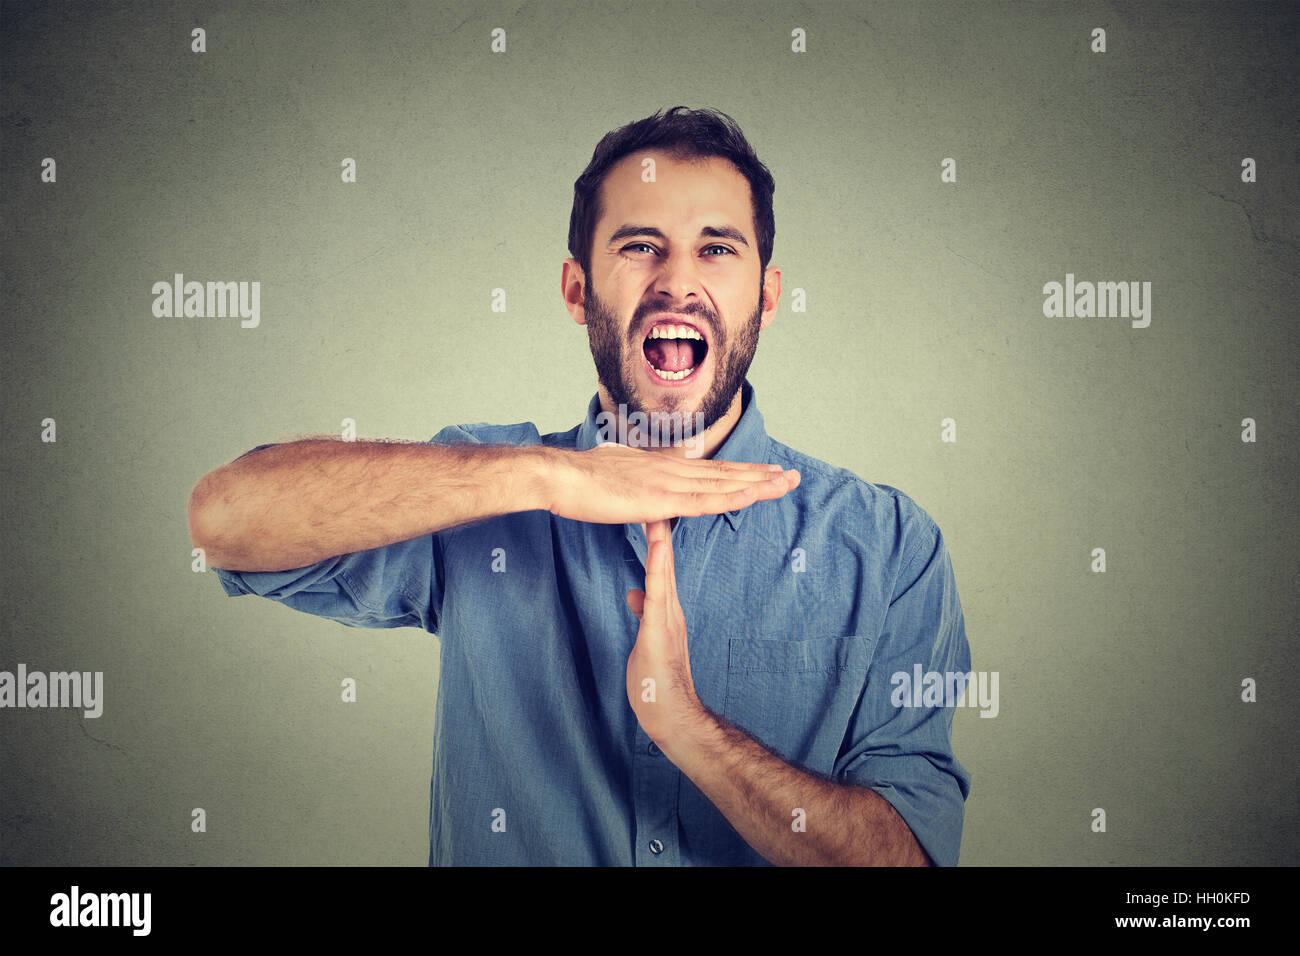 Uomo che mostra il tempo fuori mano gesto, frustrato urlando per arrestare isolato sulla parete dello sfondo. Troppe Immagini Stock